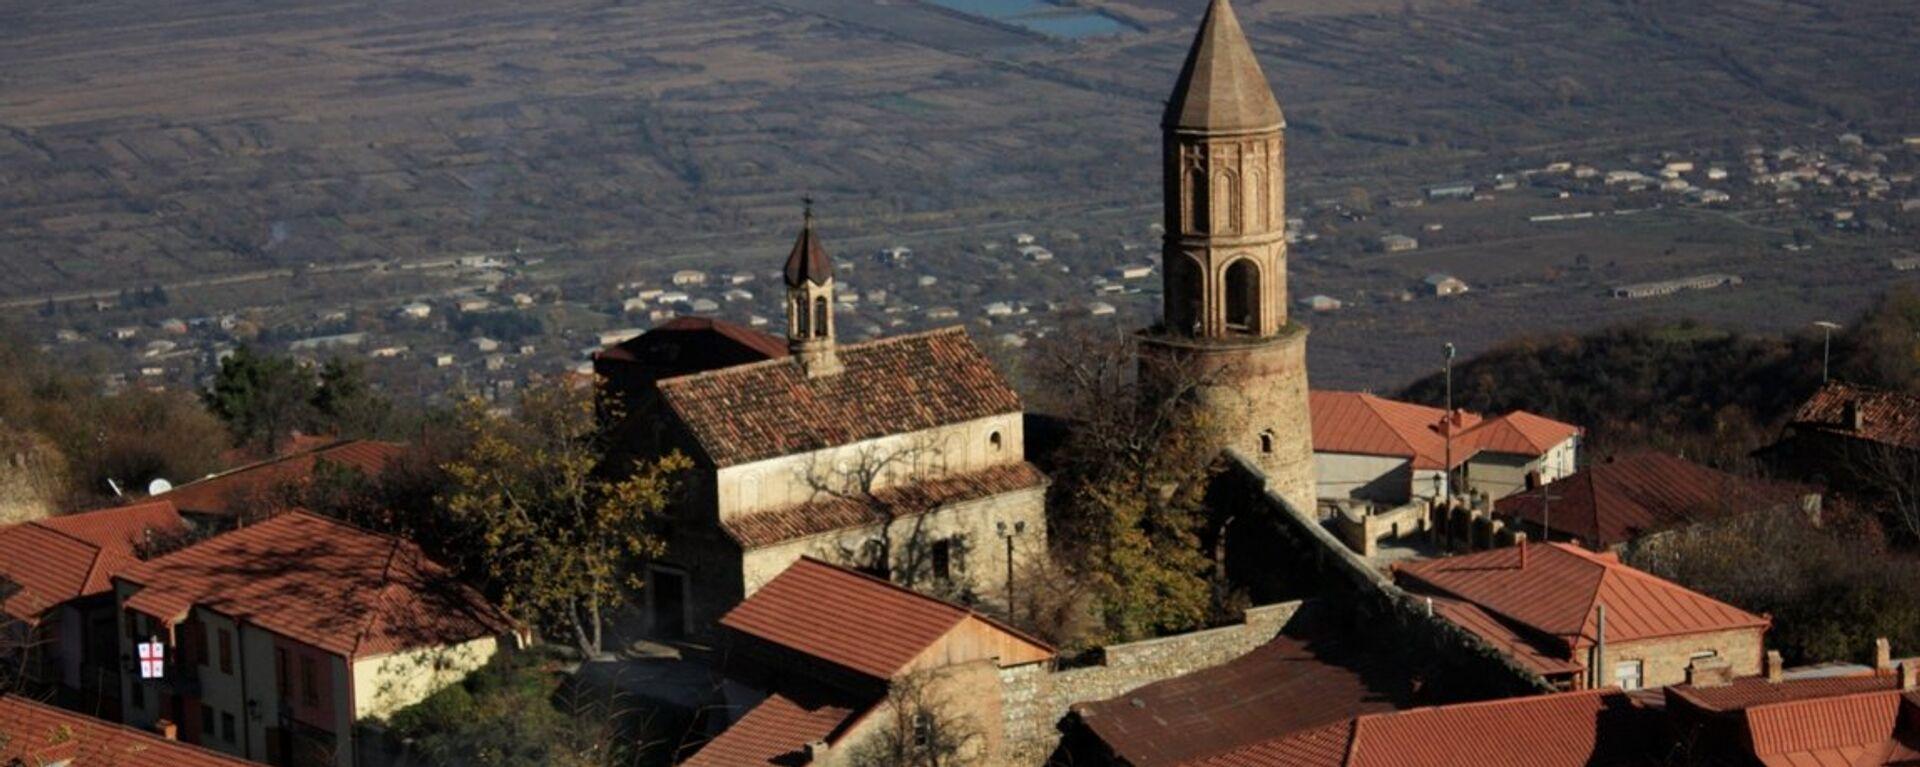 სიღნაღის წმიდა გიორგის სახელობის ეკლესია - Sputnik საქართველო, 1920, 14.09.2021